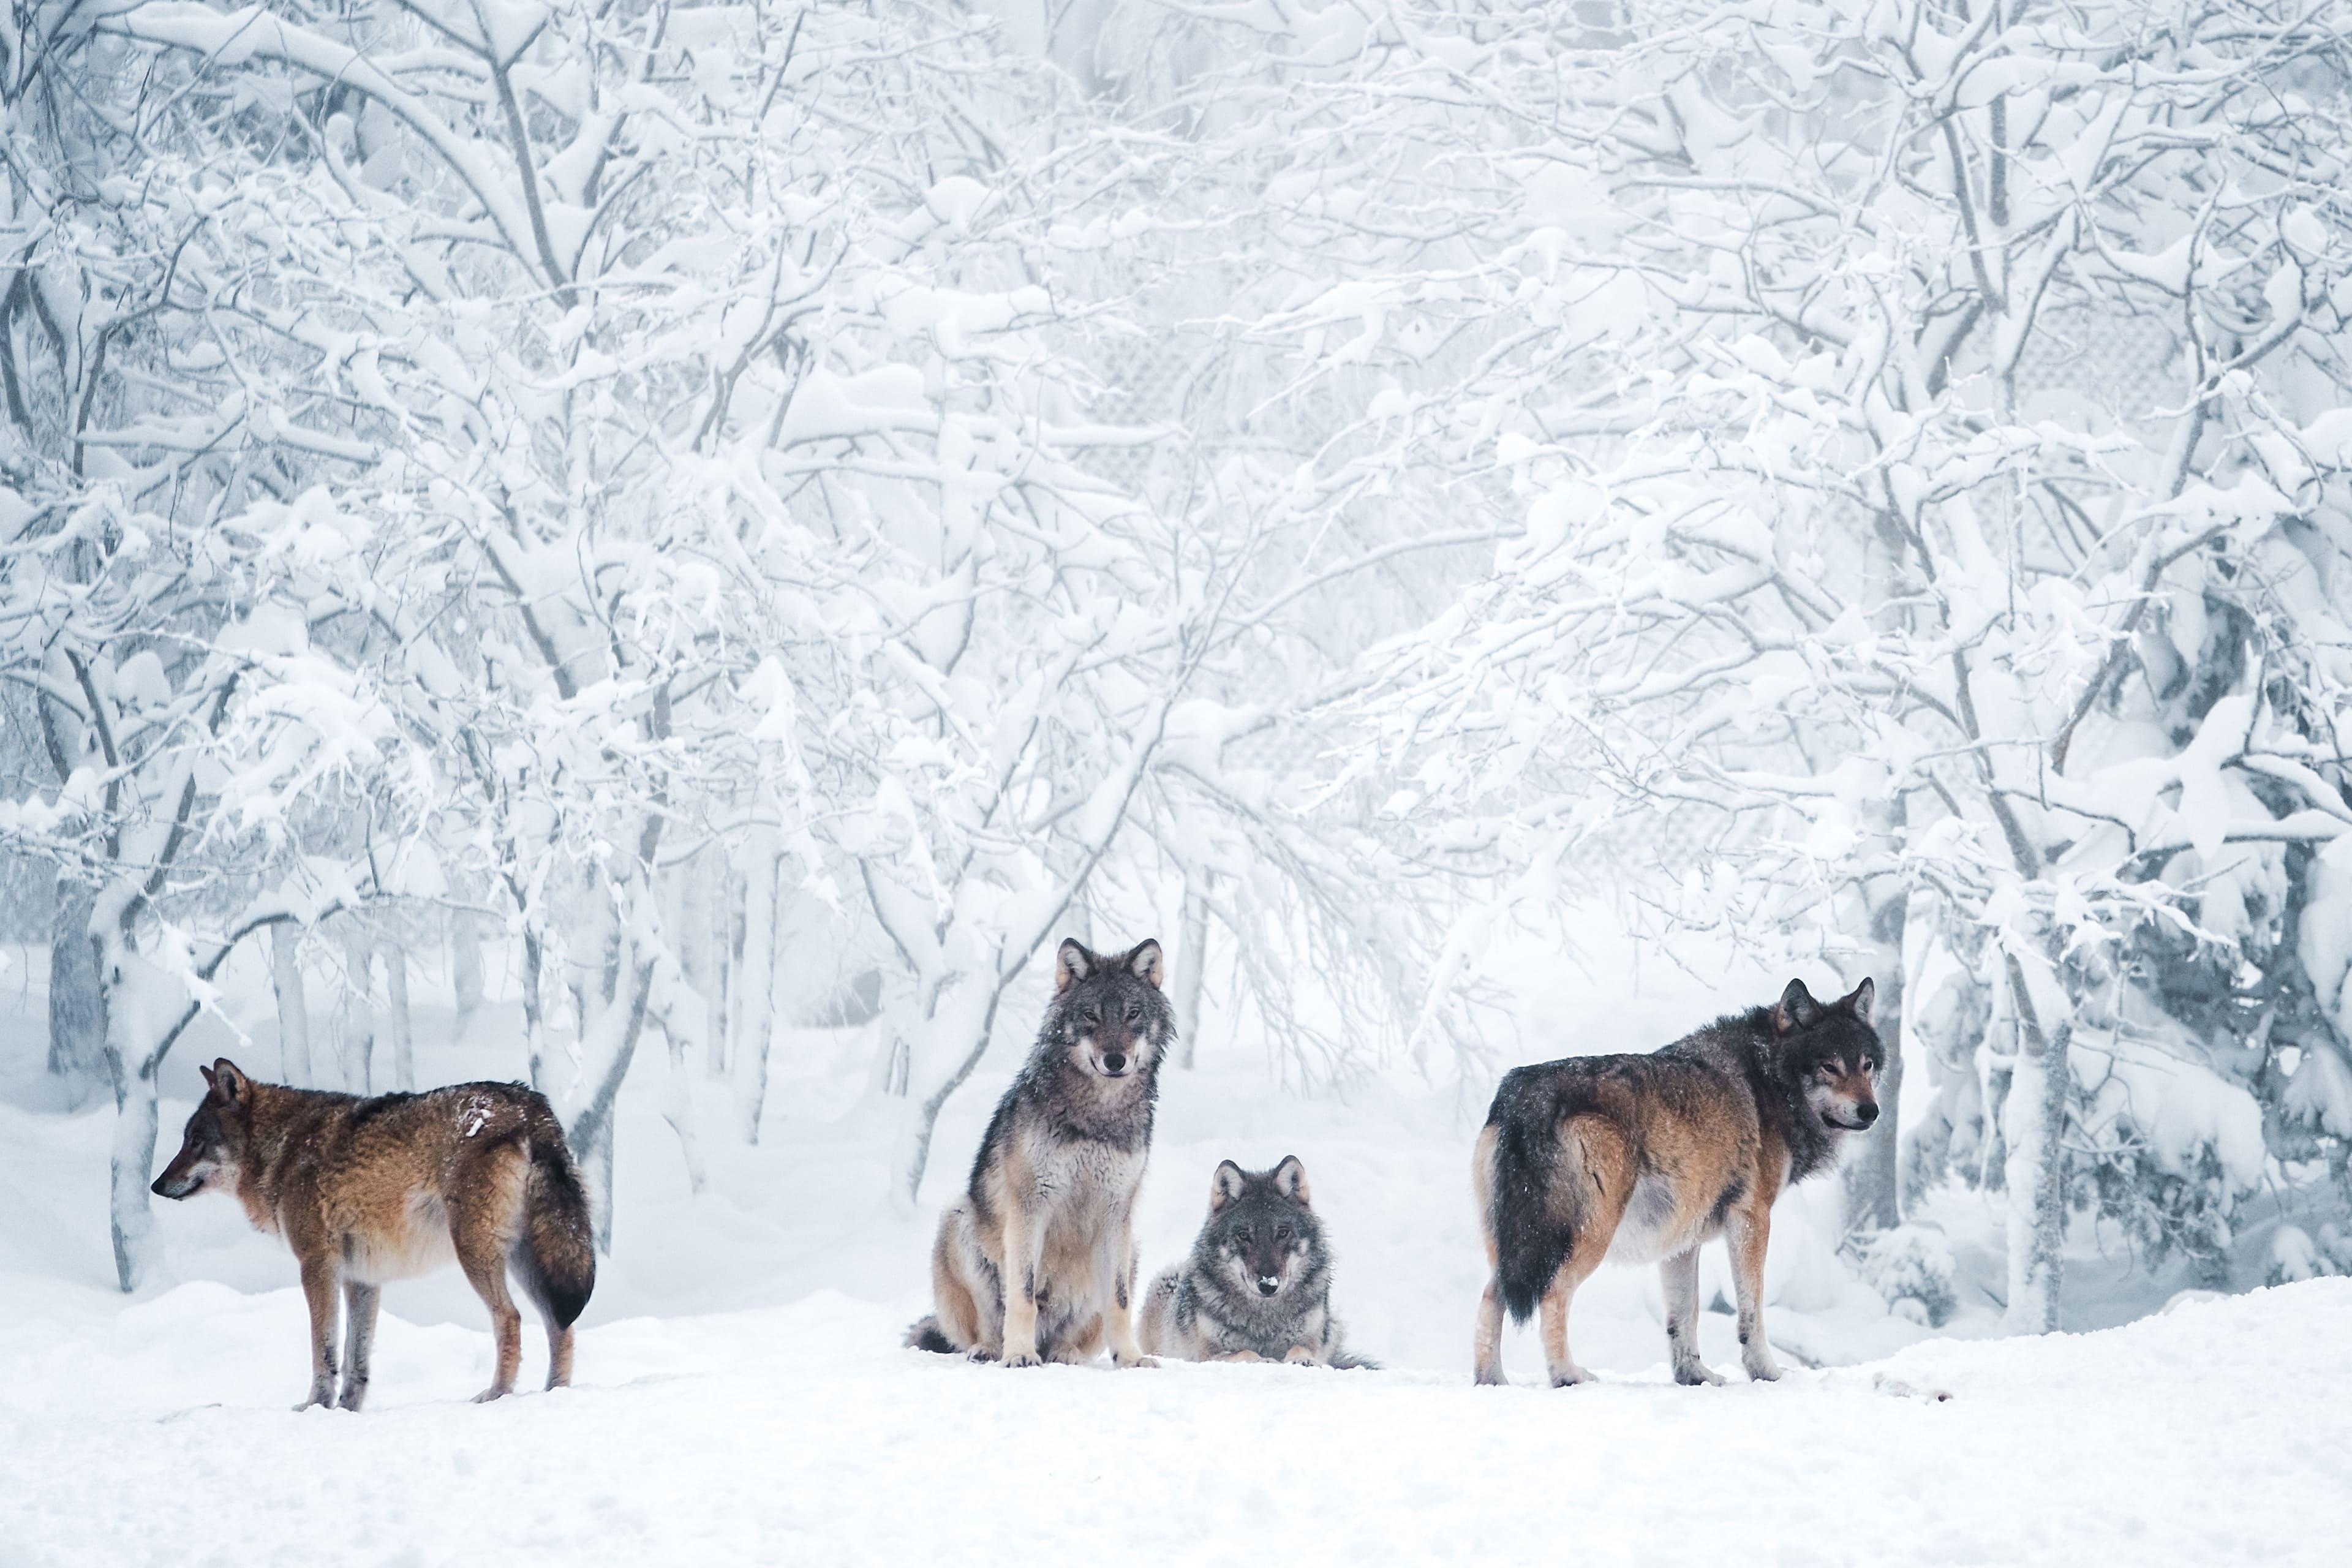 HDoboi.Kiev.ua - Стая диких хищных волков в лесу зимой